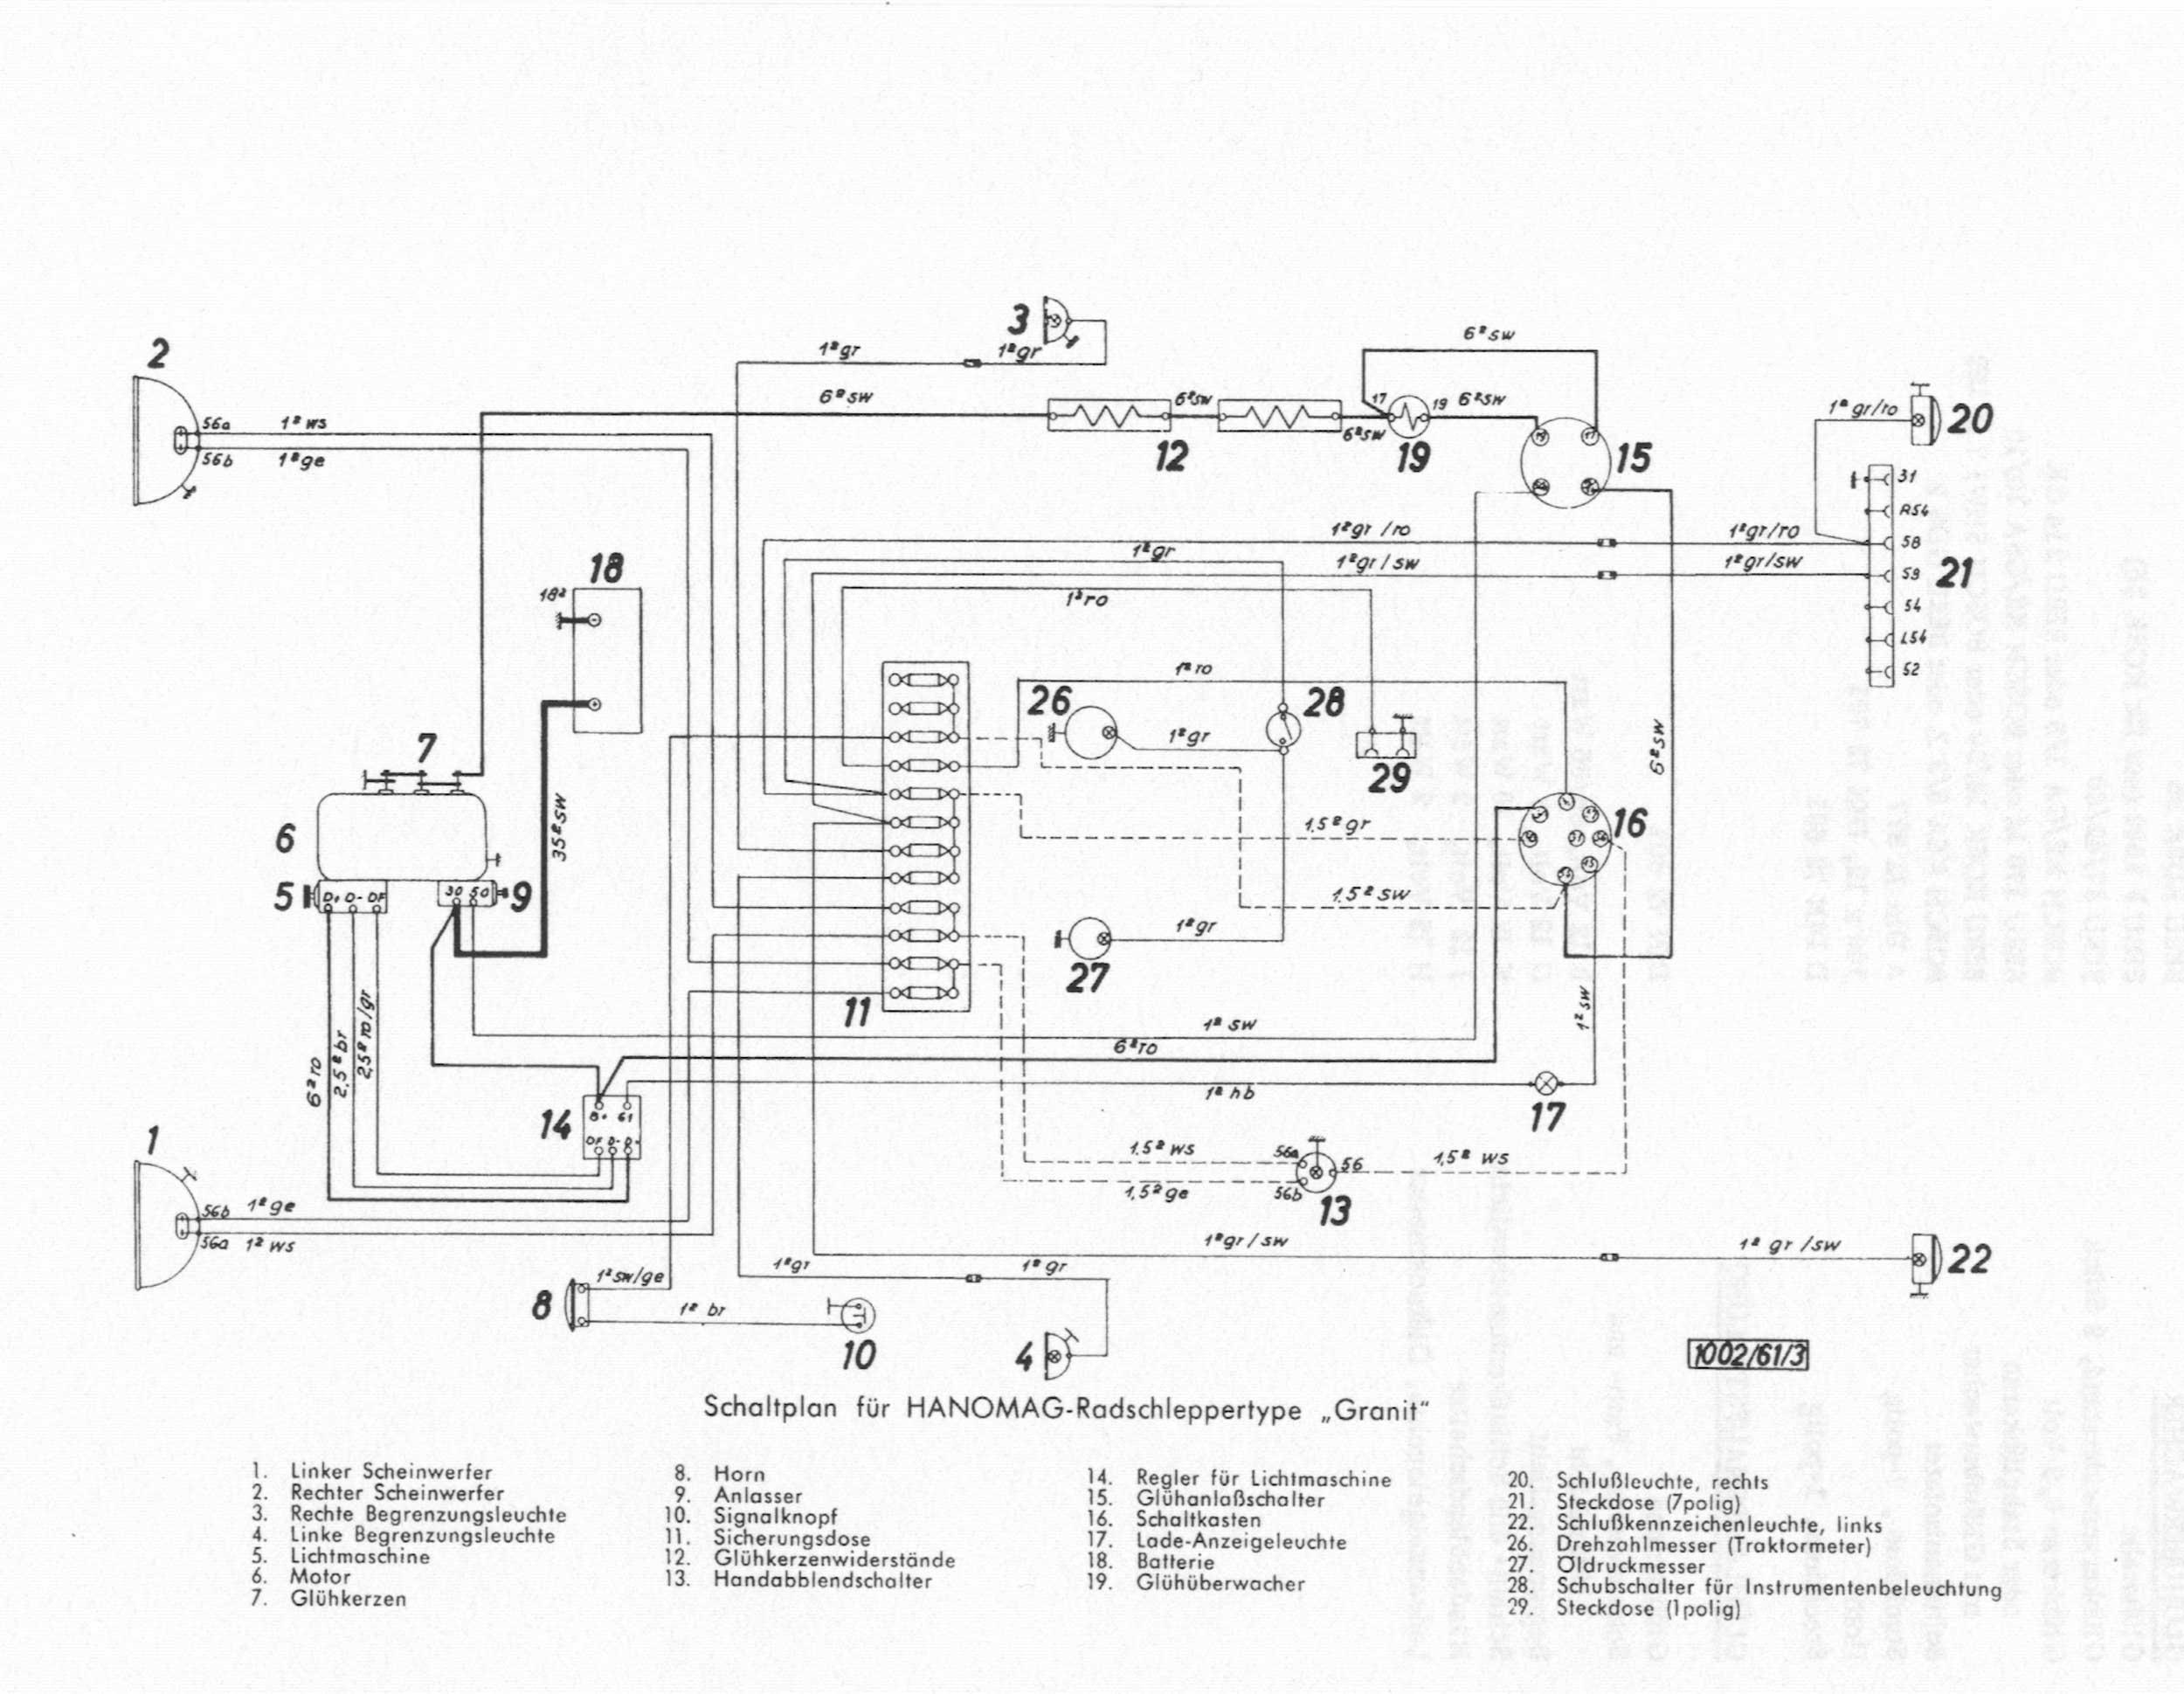 R 332 - Granit Technische Einzelheiten